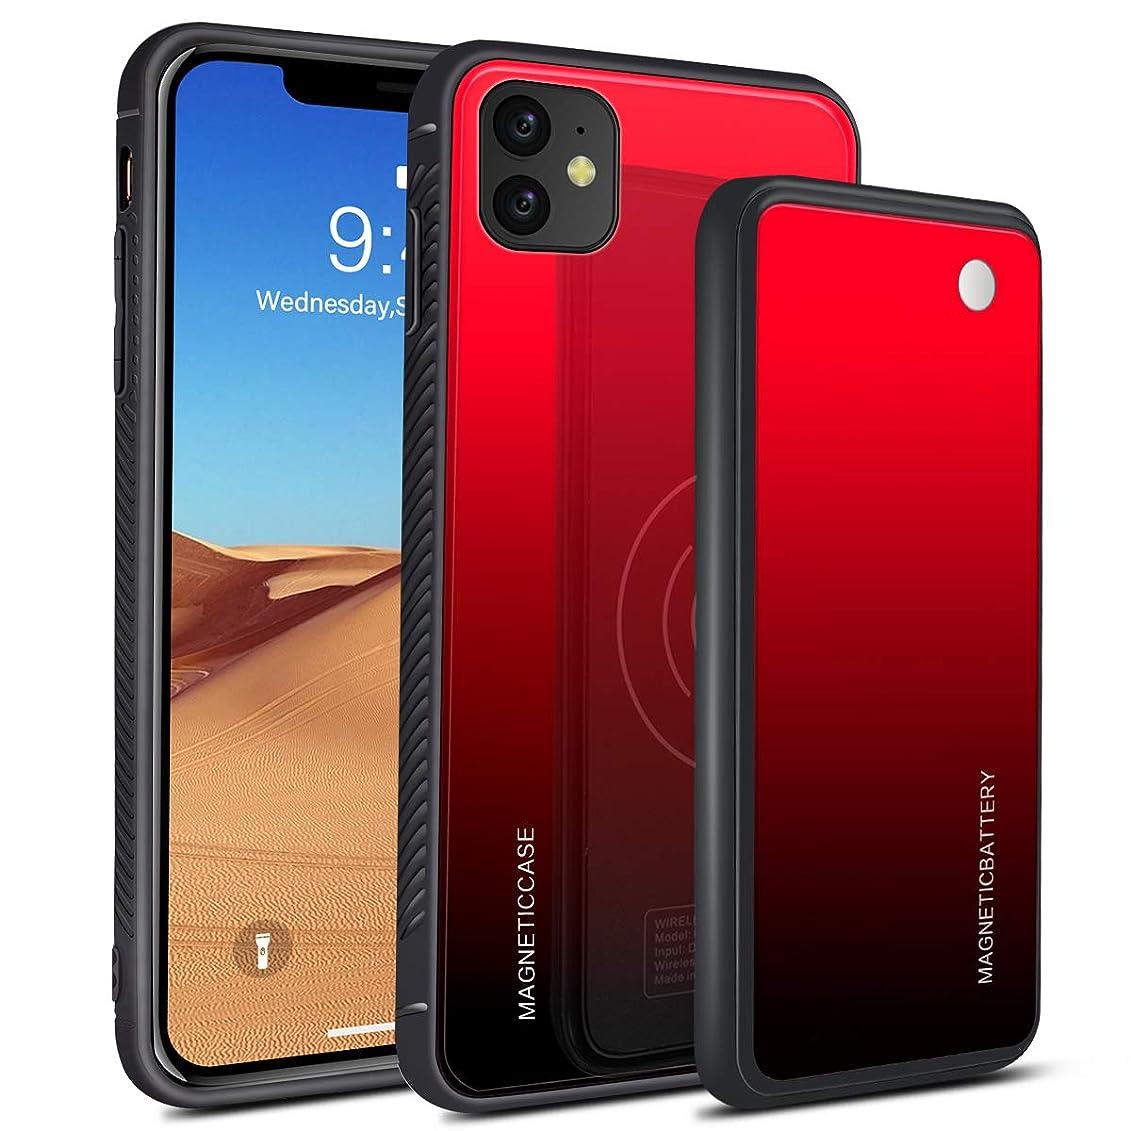 レタス買収器官iPhone 11 6.1 Inch 「5000mAh」 用 バッテリー内蔵ケース battery case ケース型 急速充電 バッテリー バッテリーケース 超便利 耐衝撃 240% バッテリー容量追加-Red